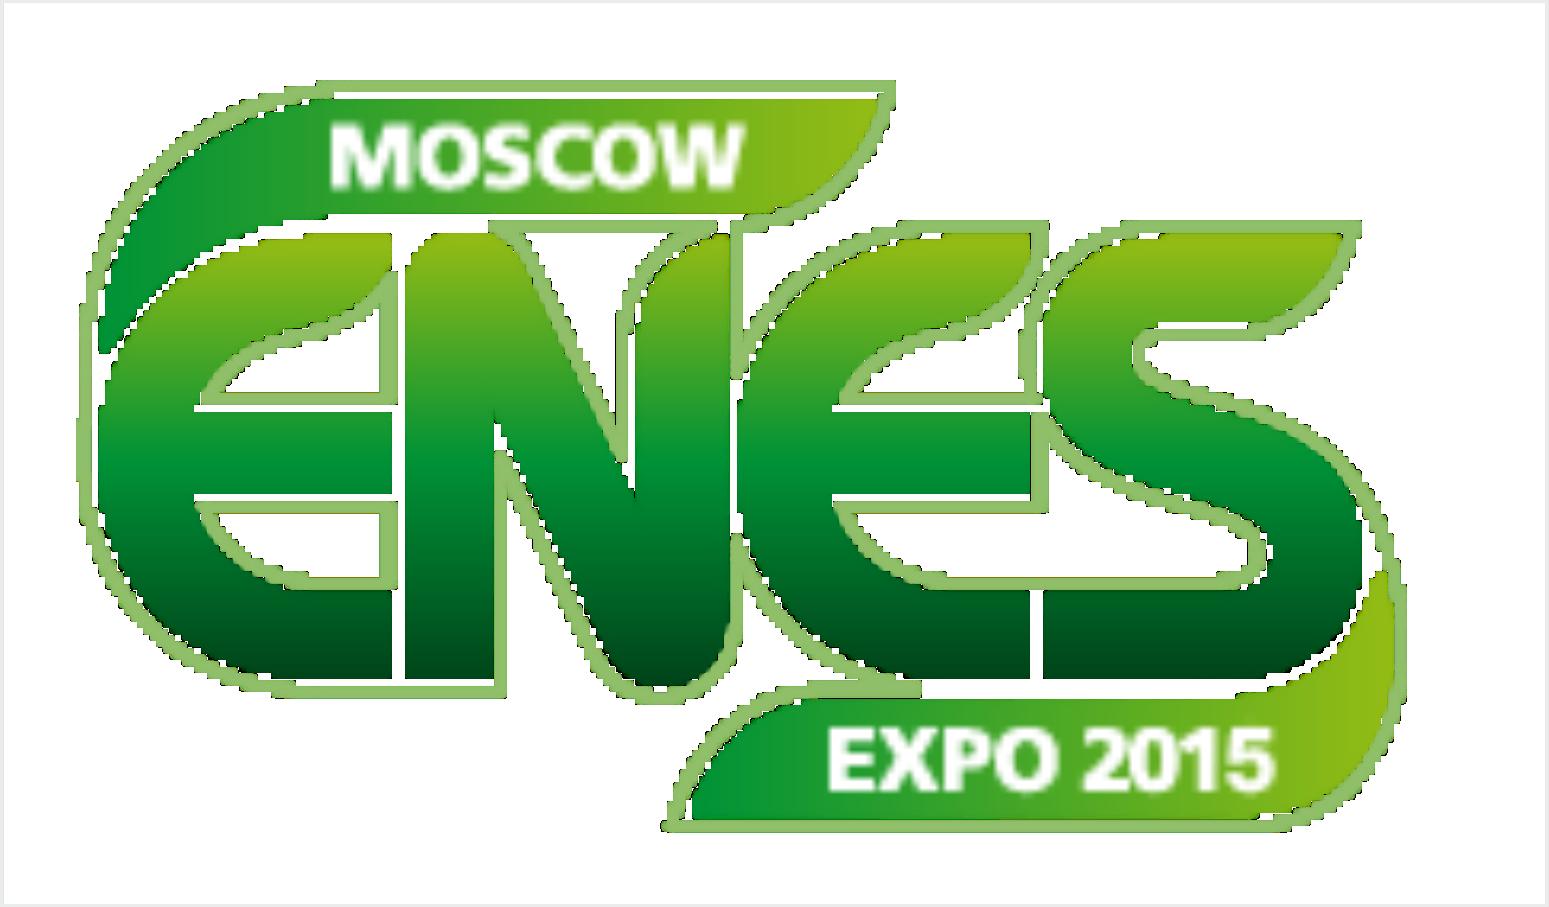 Второй Всероссийский конкурс реализованных проектов в области энергосбережения, повышения энергоэффективности и развития энергетики ENES – 2015